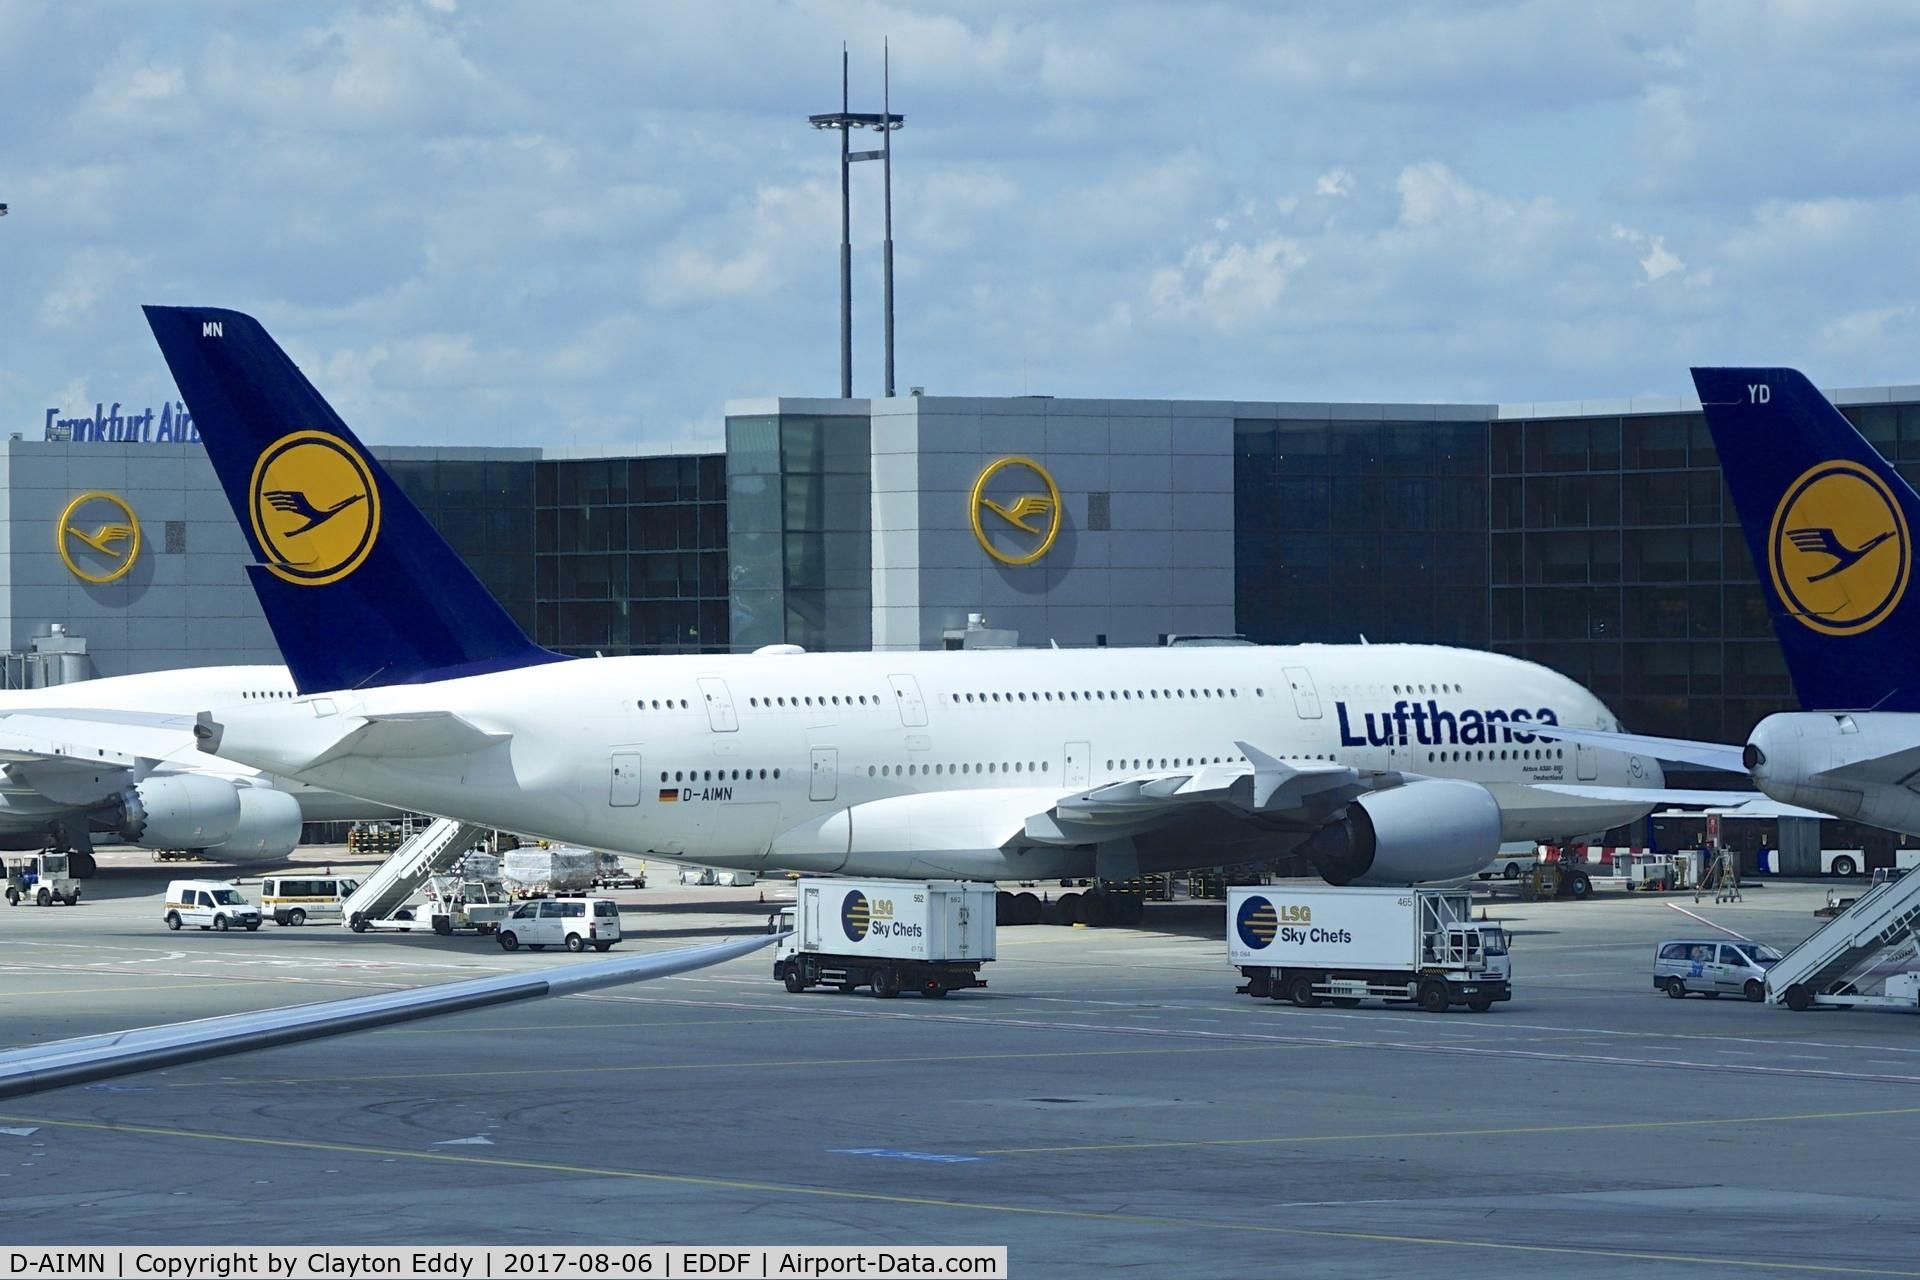 D-AIMN, 2014 Airbus A380-841 C/N 177, Frankfurt Airport. 2017.